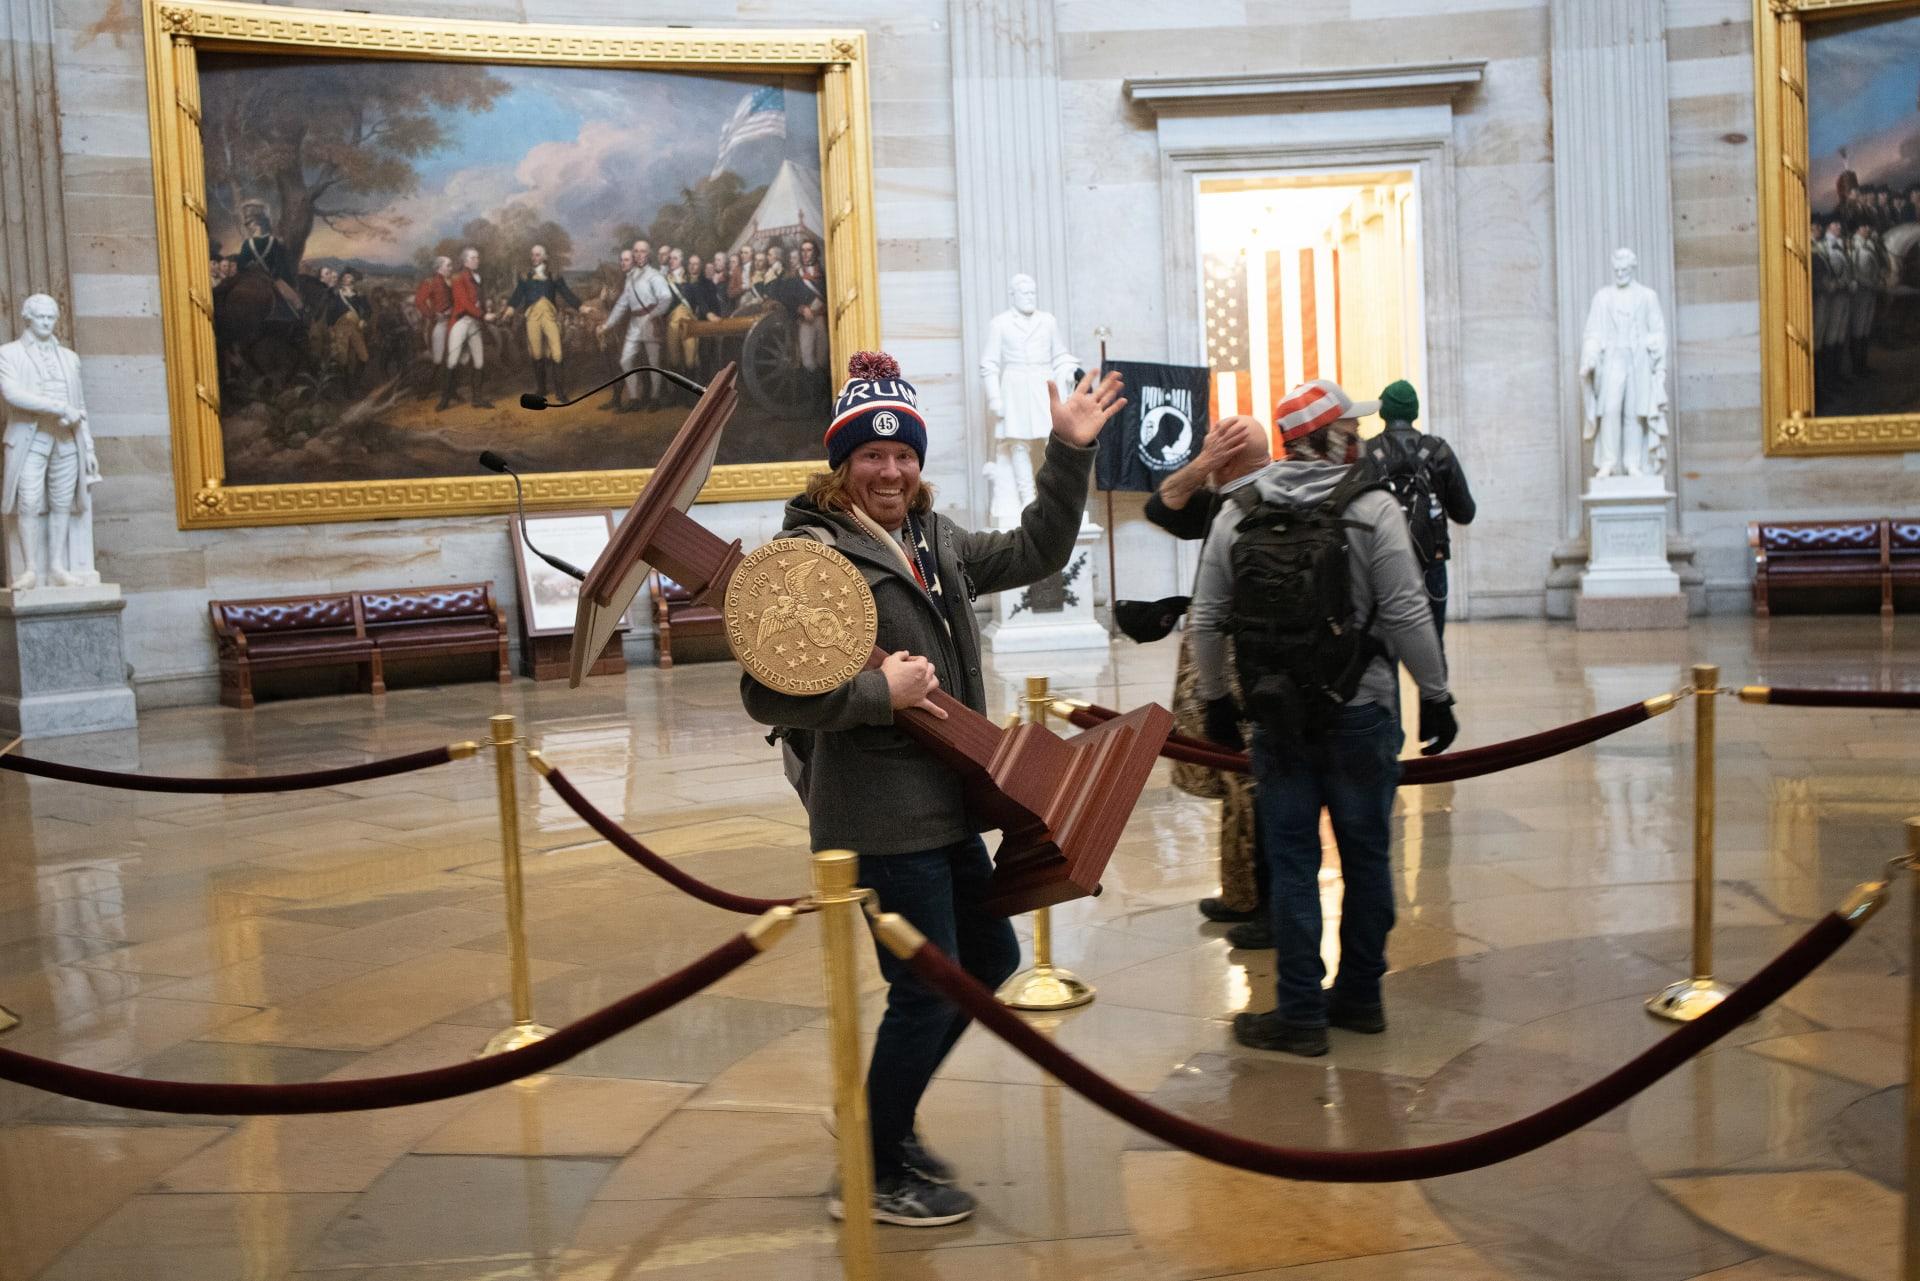 اعتقال الرجل حامل منصة رئيسة مجلس النواب خلال أعمال الشغب في الكونغرس الأمريكي